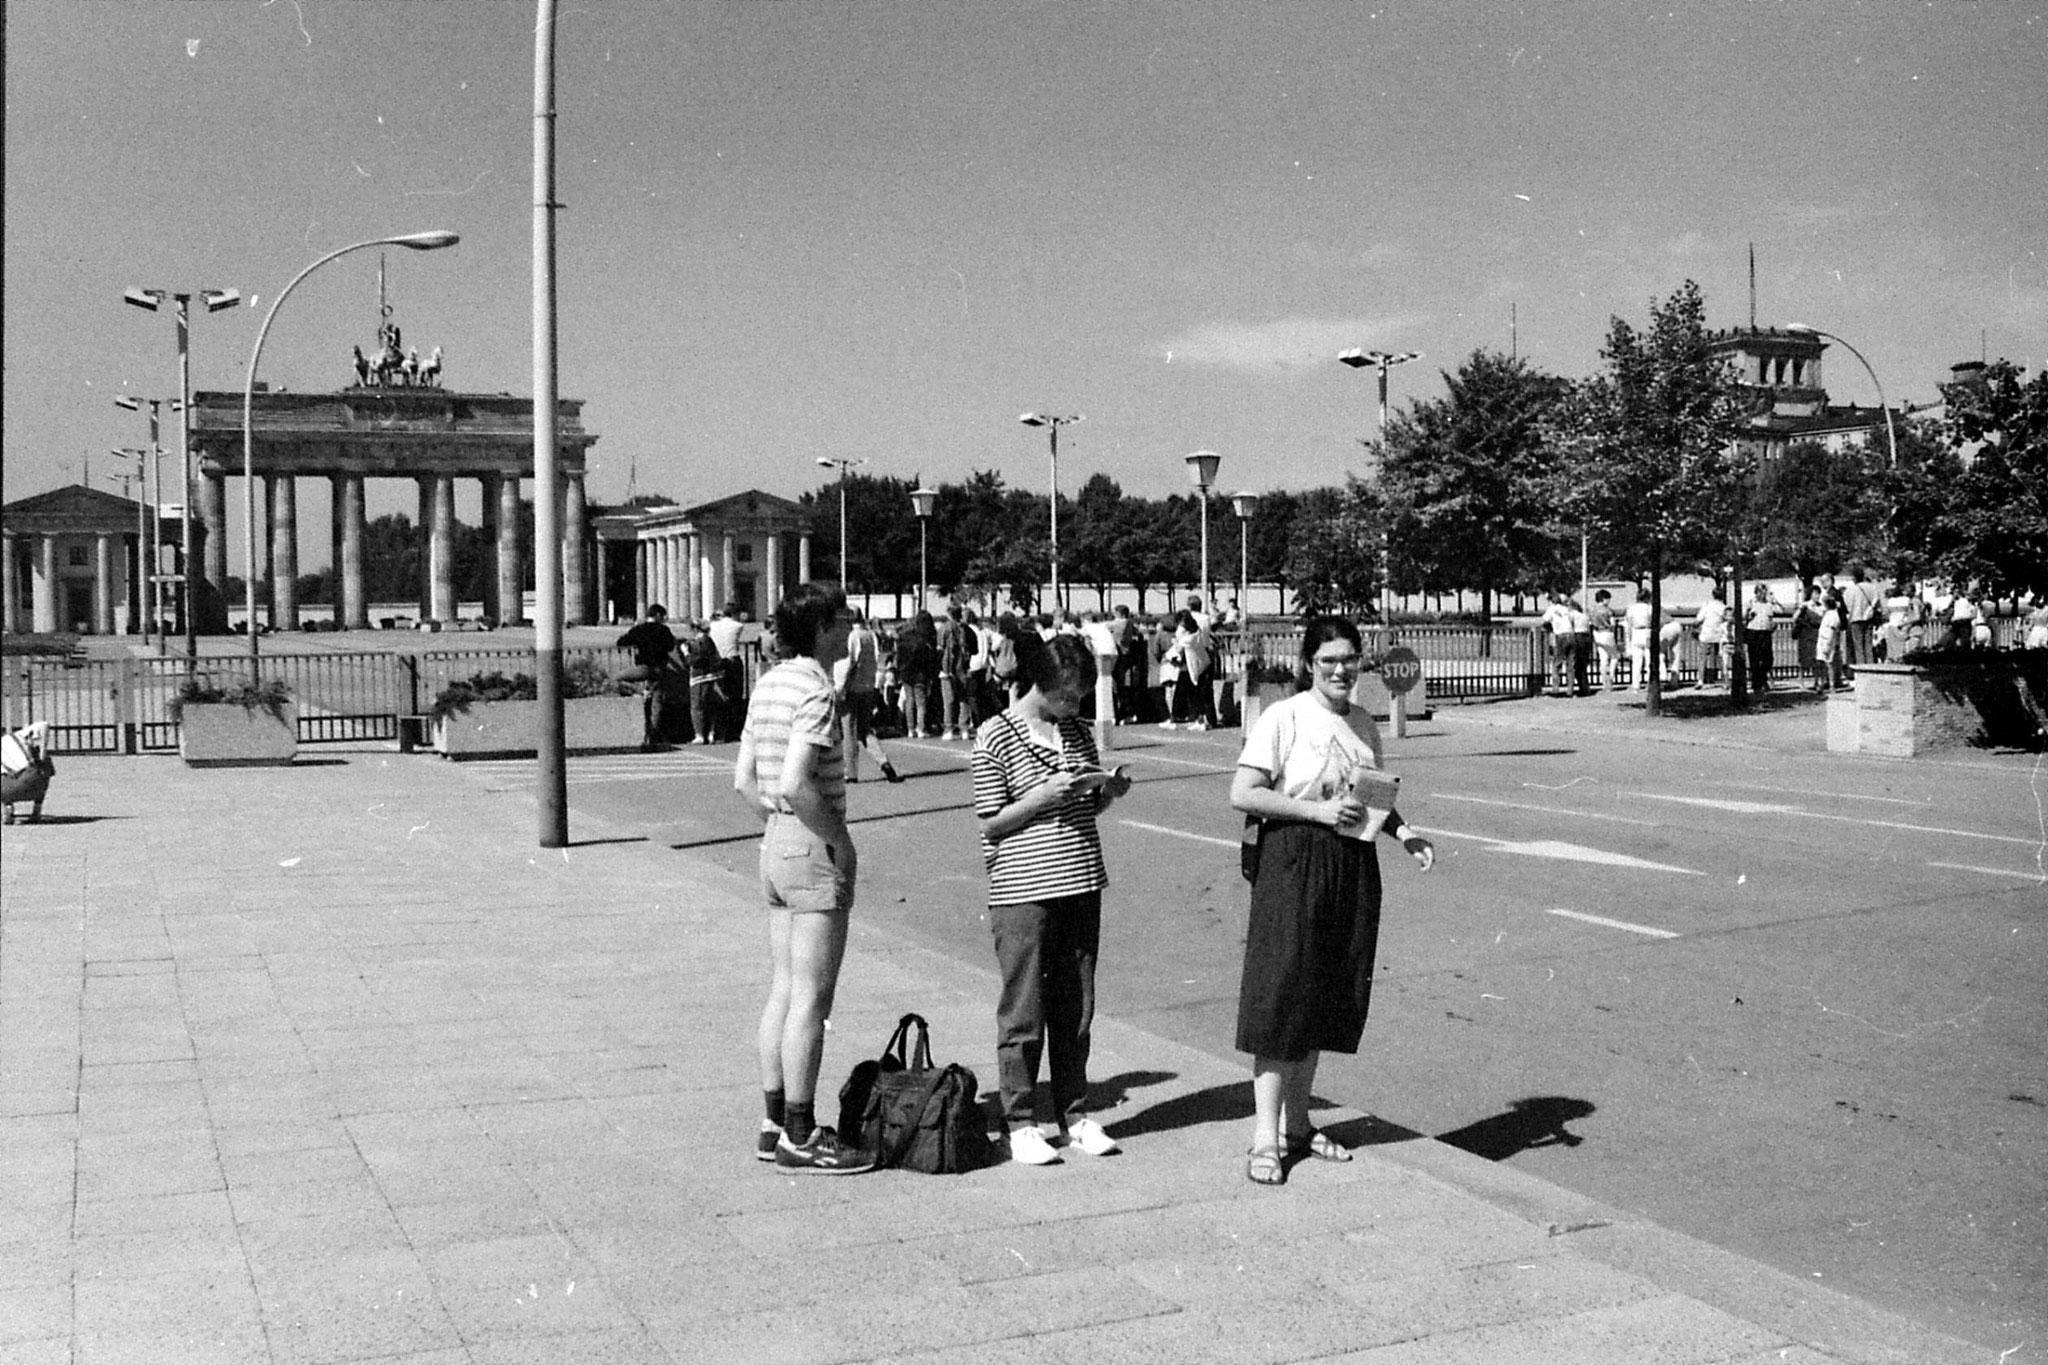 18/8/88: 29: Brandenburg Gate